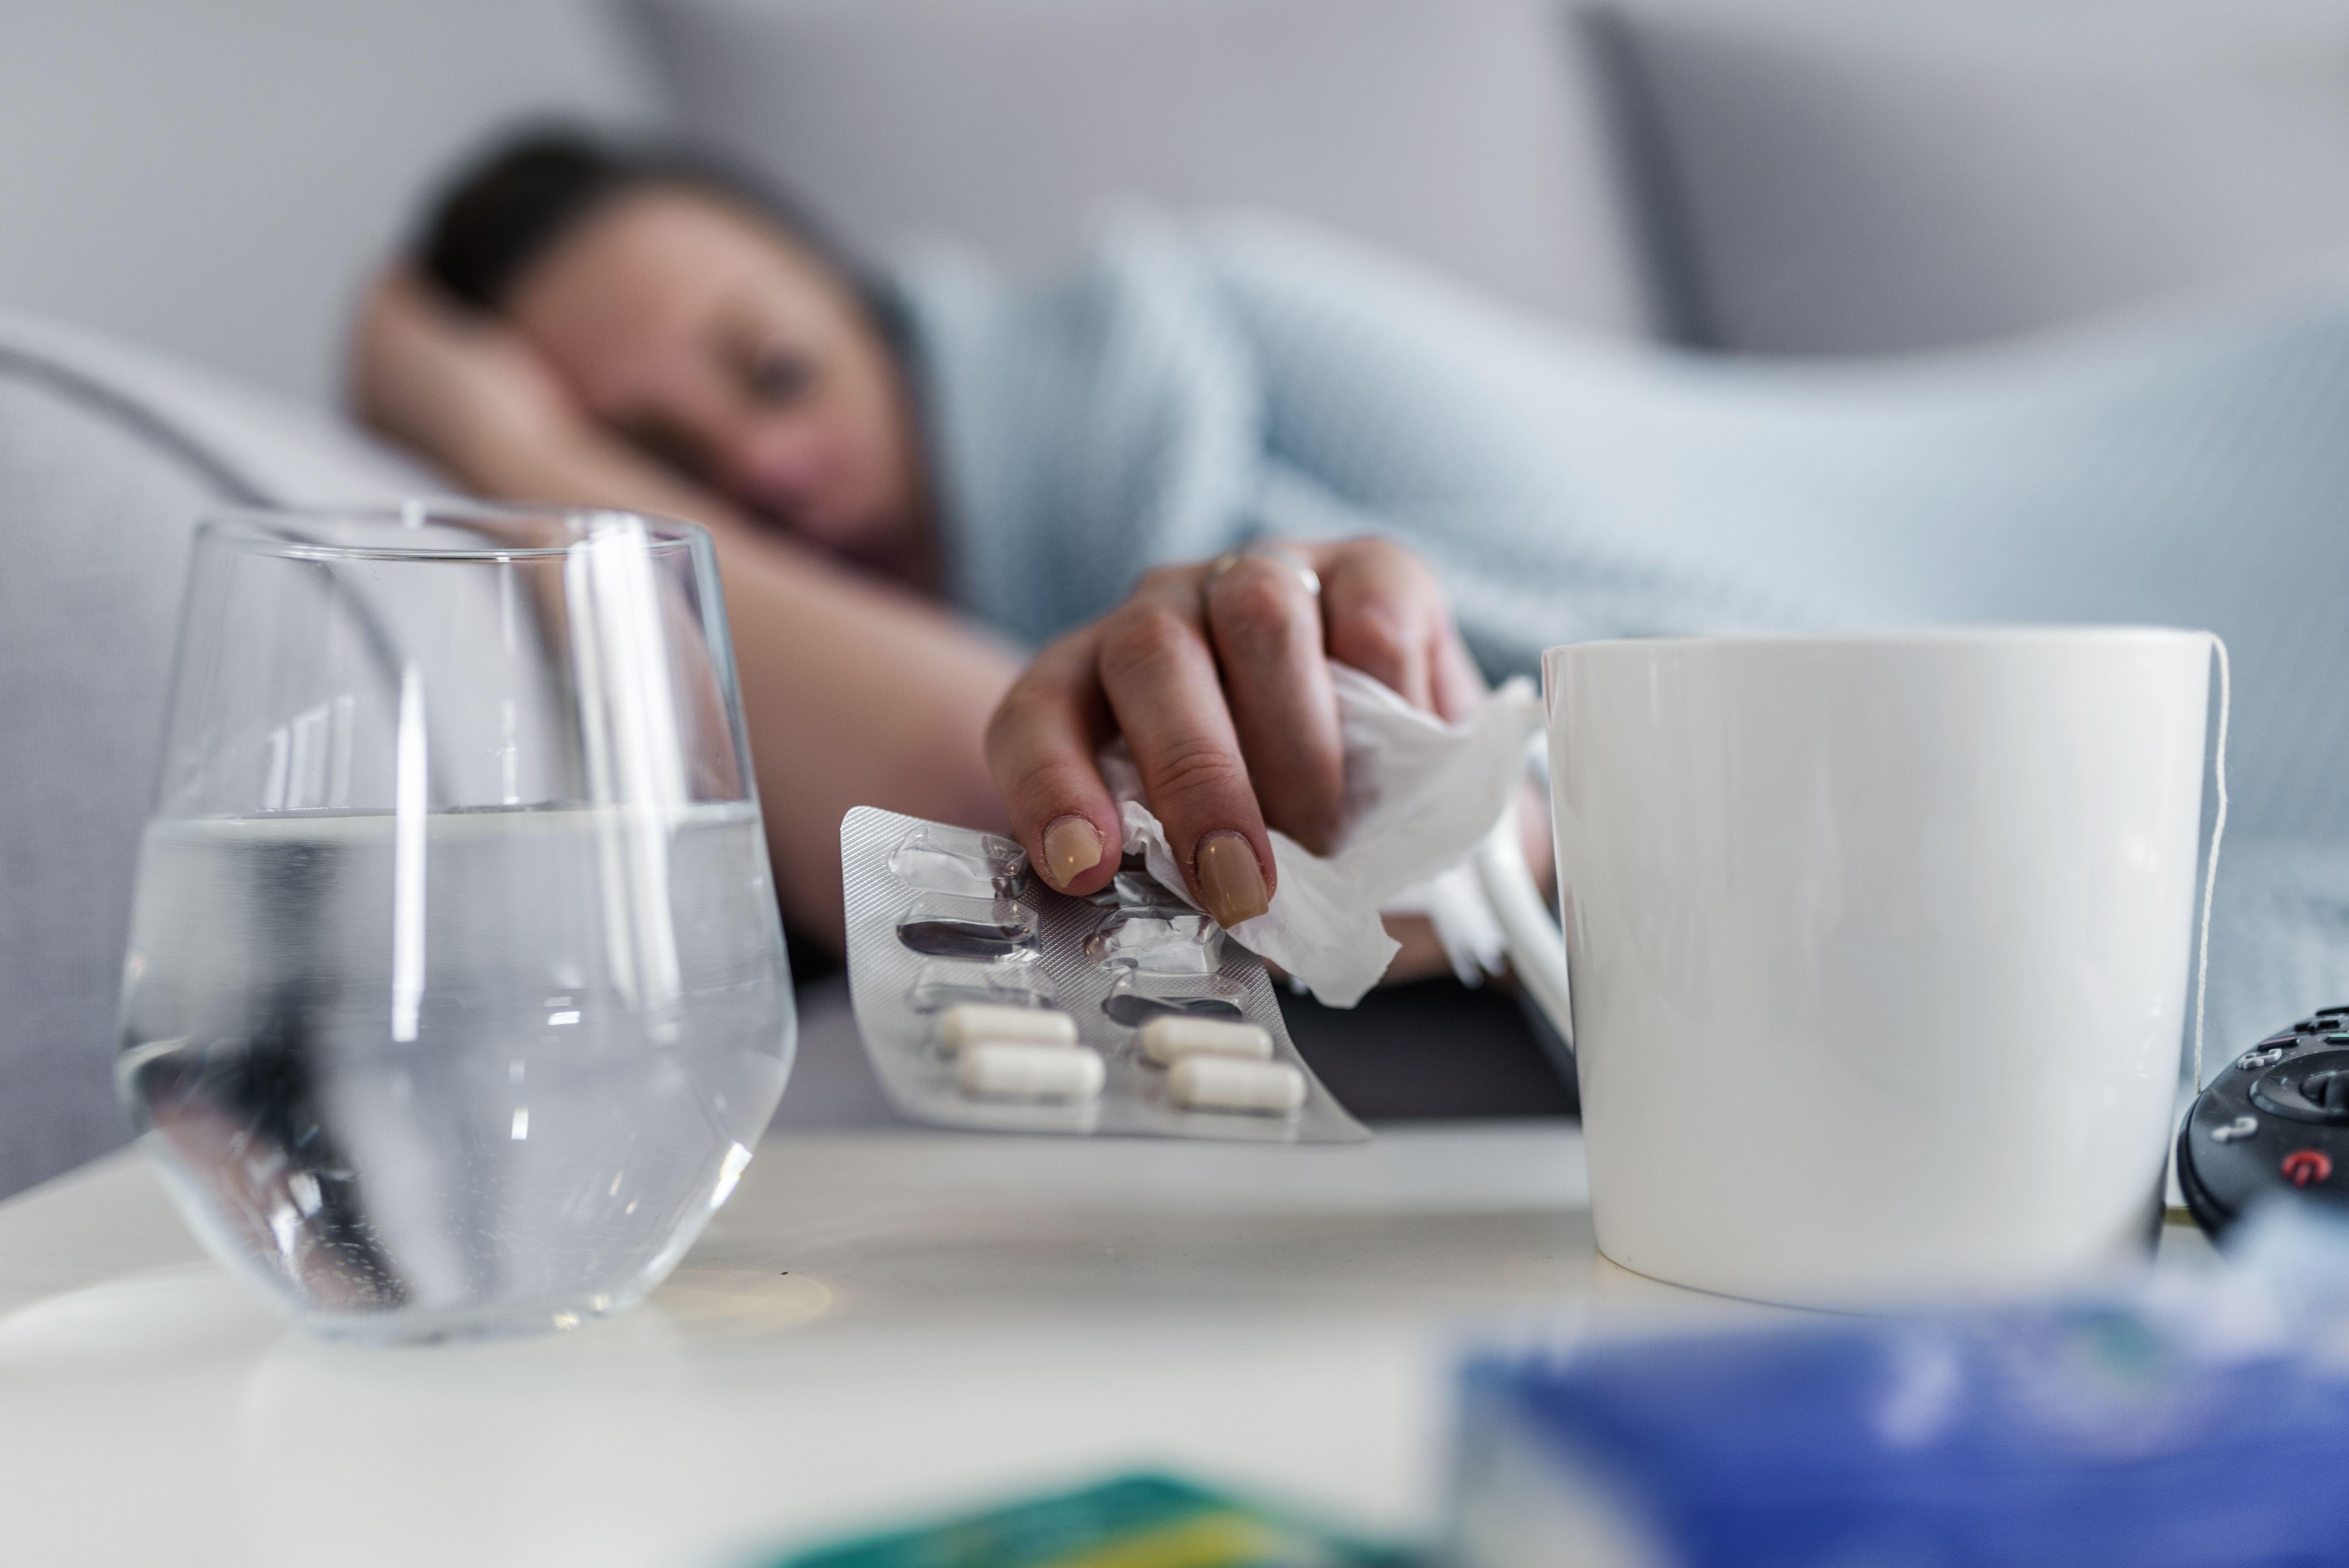 Adicción a las benzodiacepinas. Cuando dormir es una pesadilla